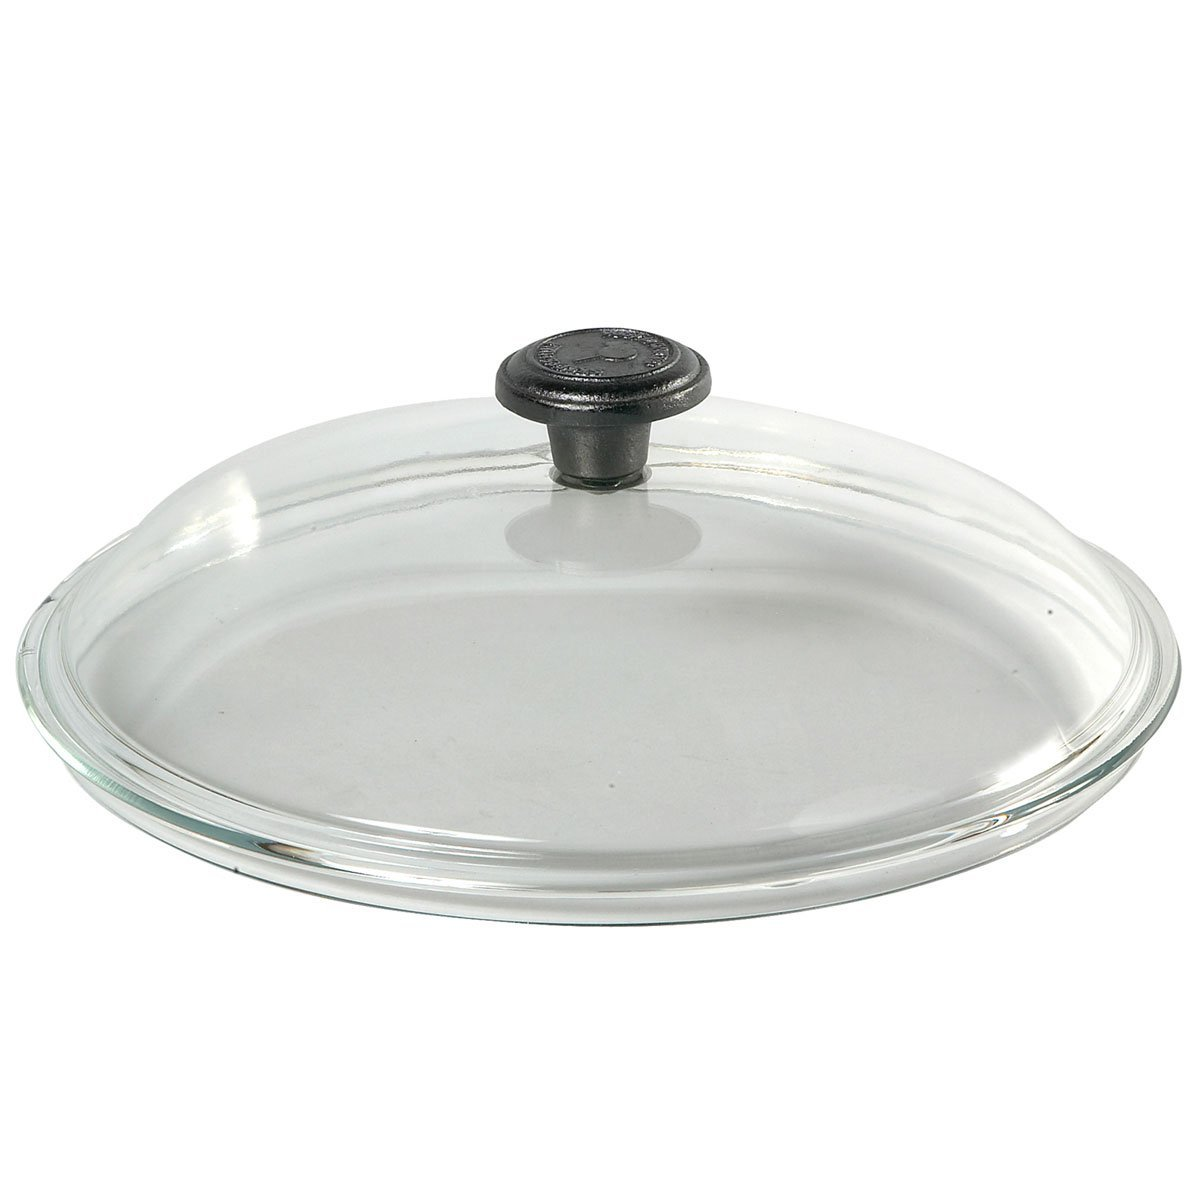 Крышка кухонная, стеклянная Skeppshult LIDS, диаметр 28 см, прозрачный Skeppshult 0510GL фото 0